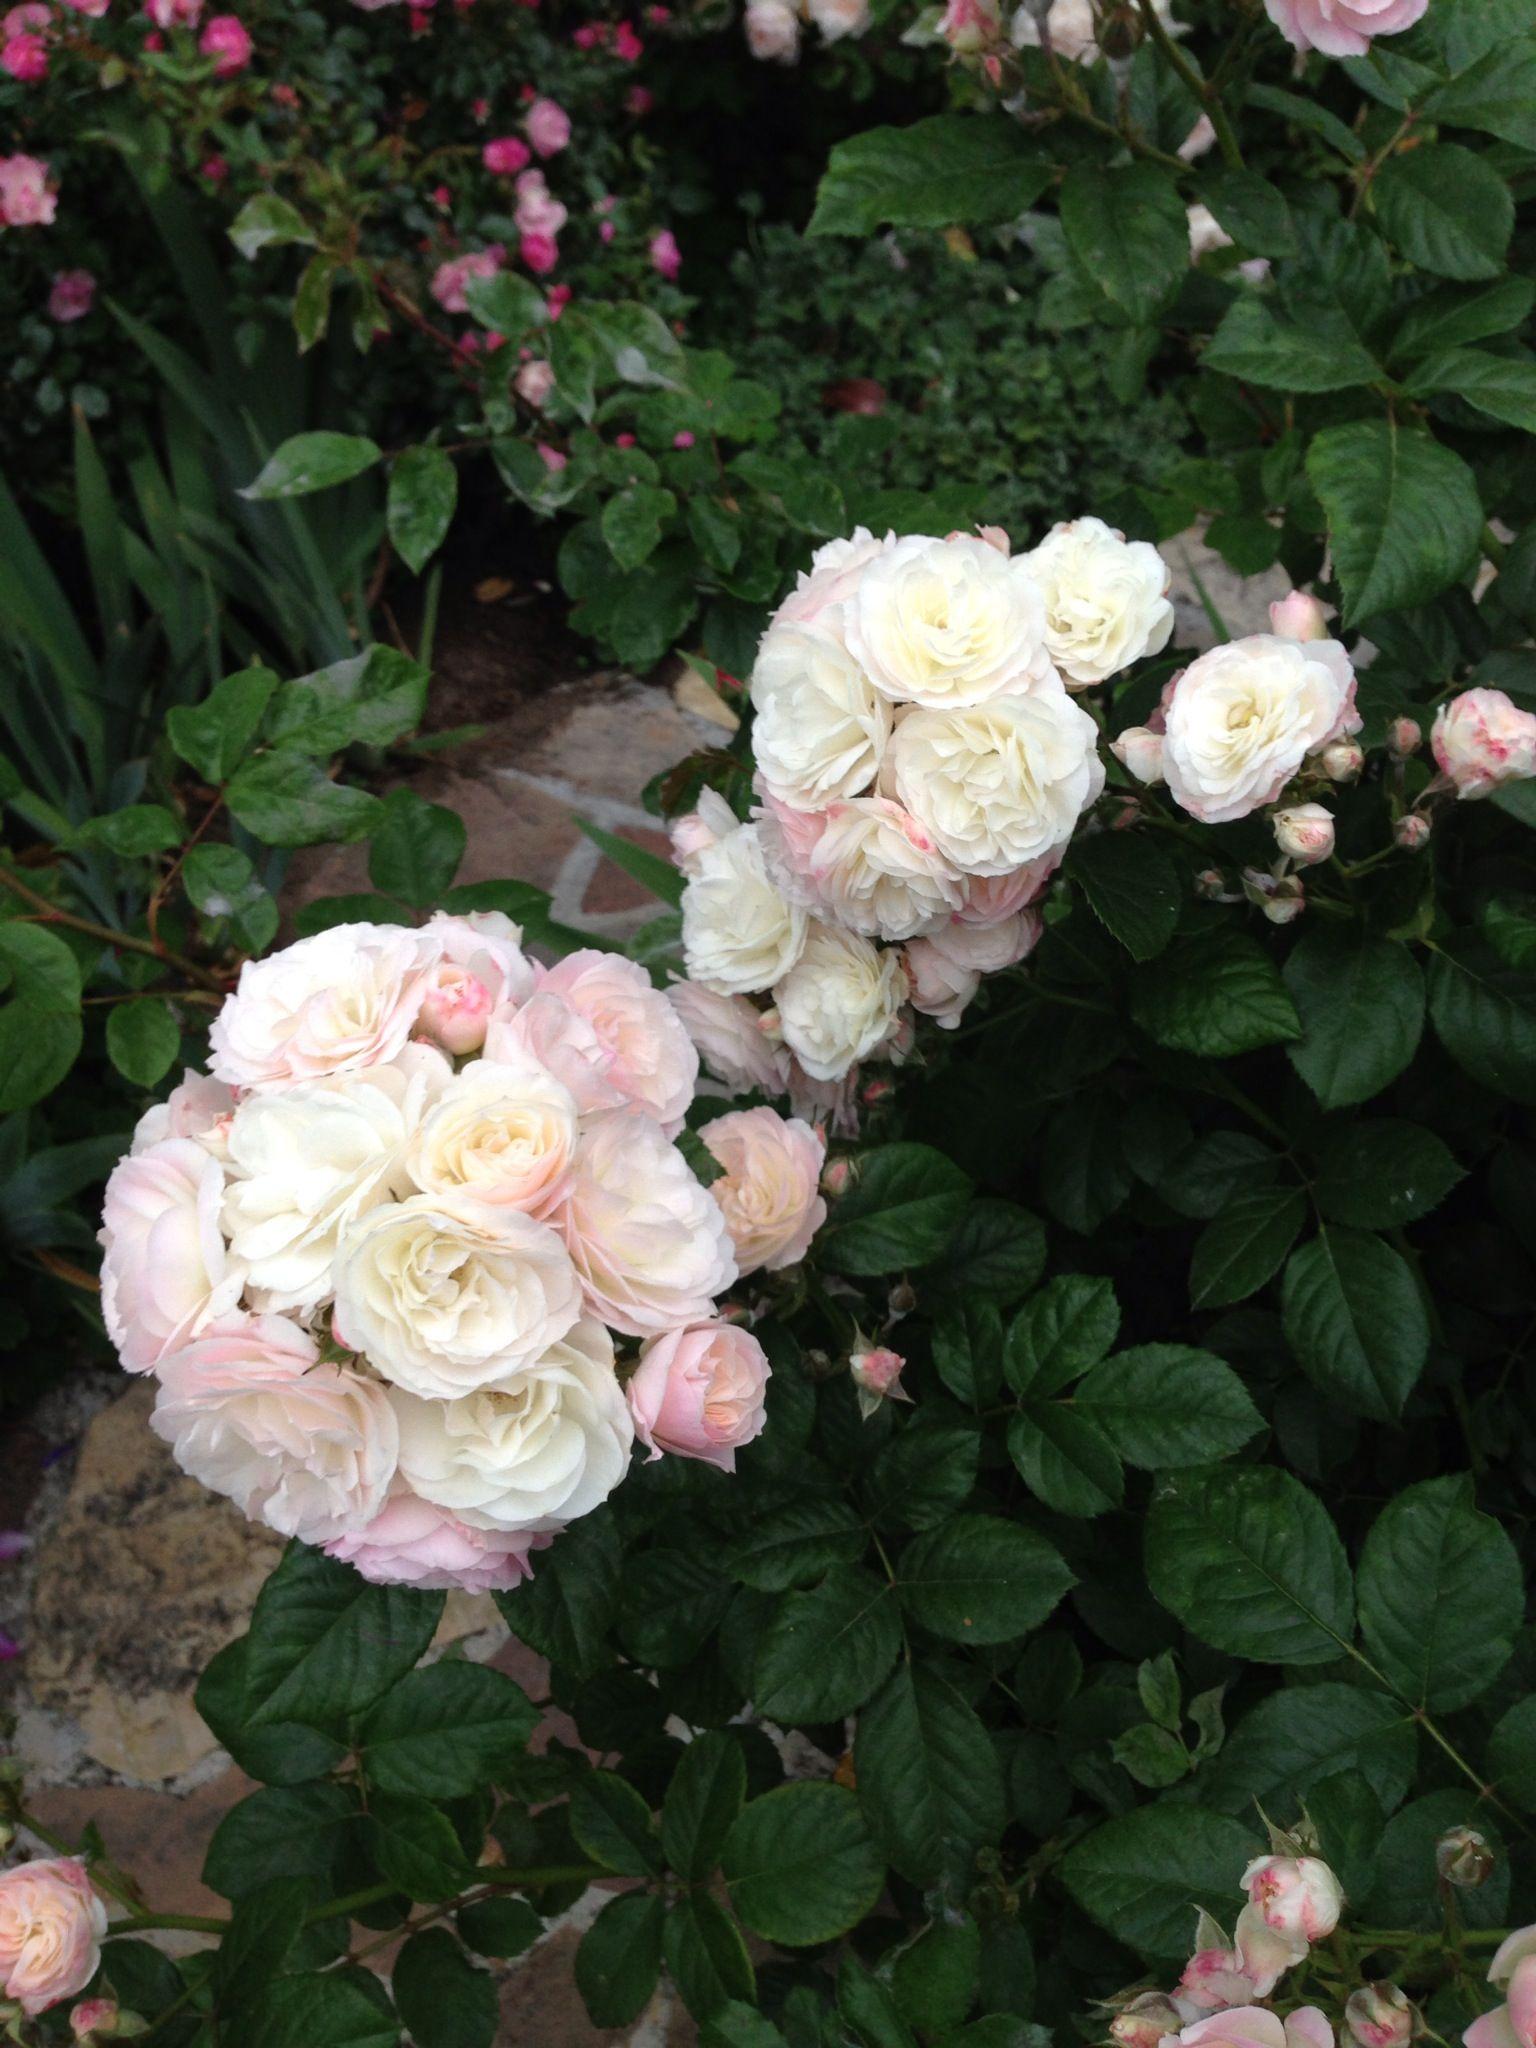 bouquet parfait by louis lens a very favorite rose floral arrangements pinterest parfait. Black Bedroom Furniture Sets. Home Design Ideas